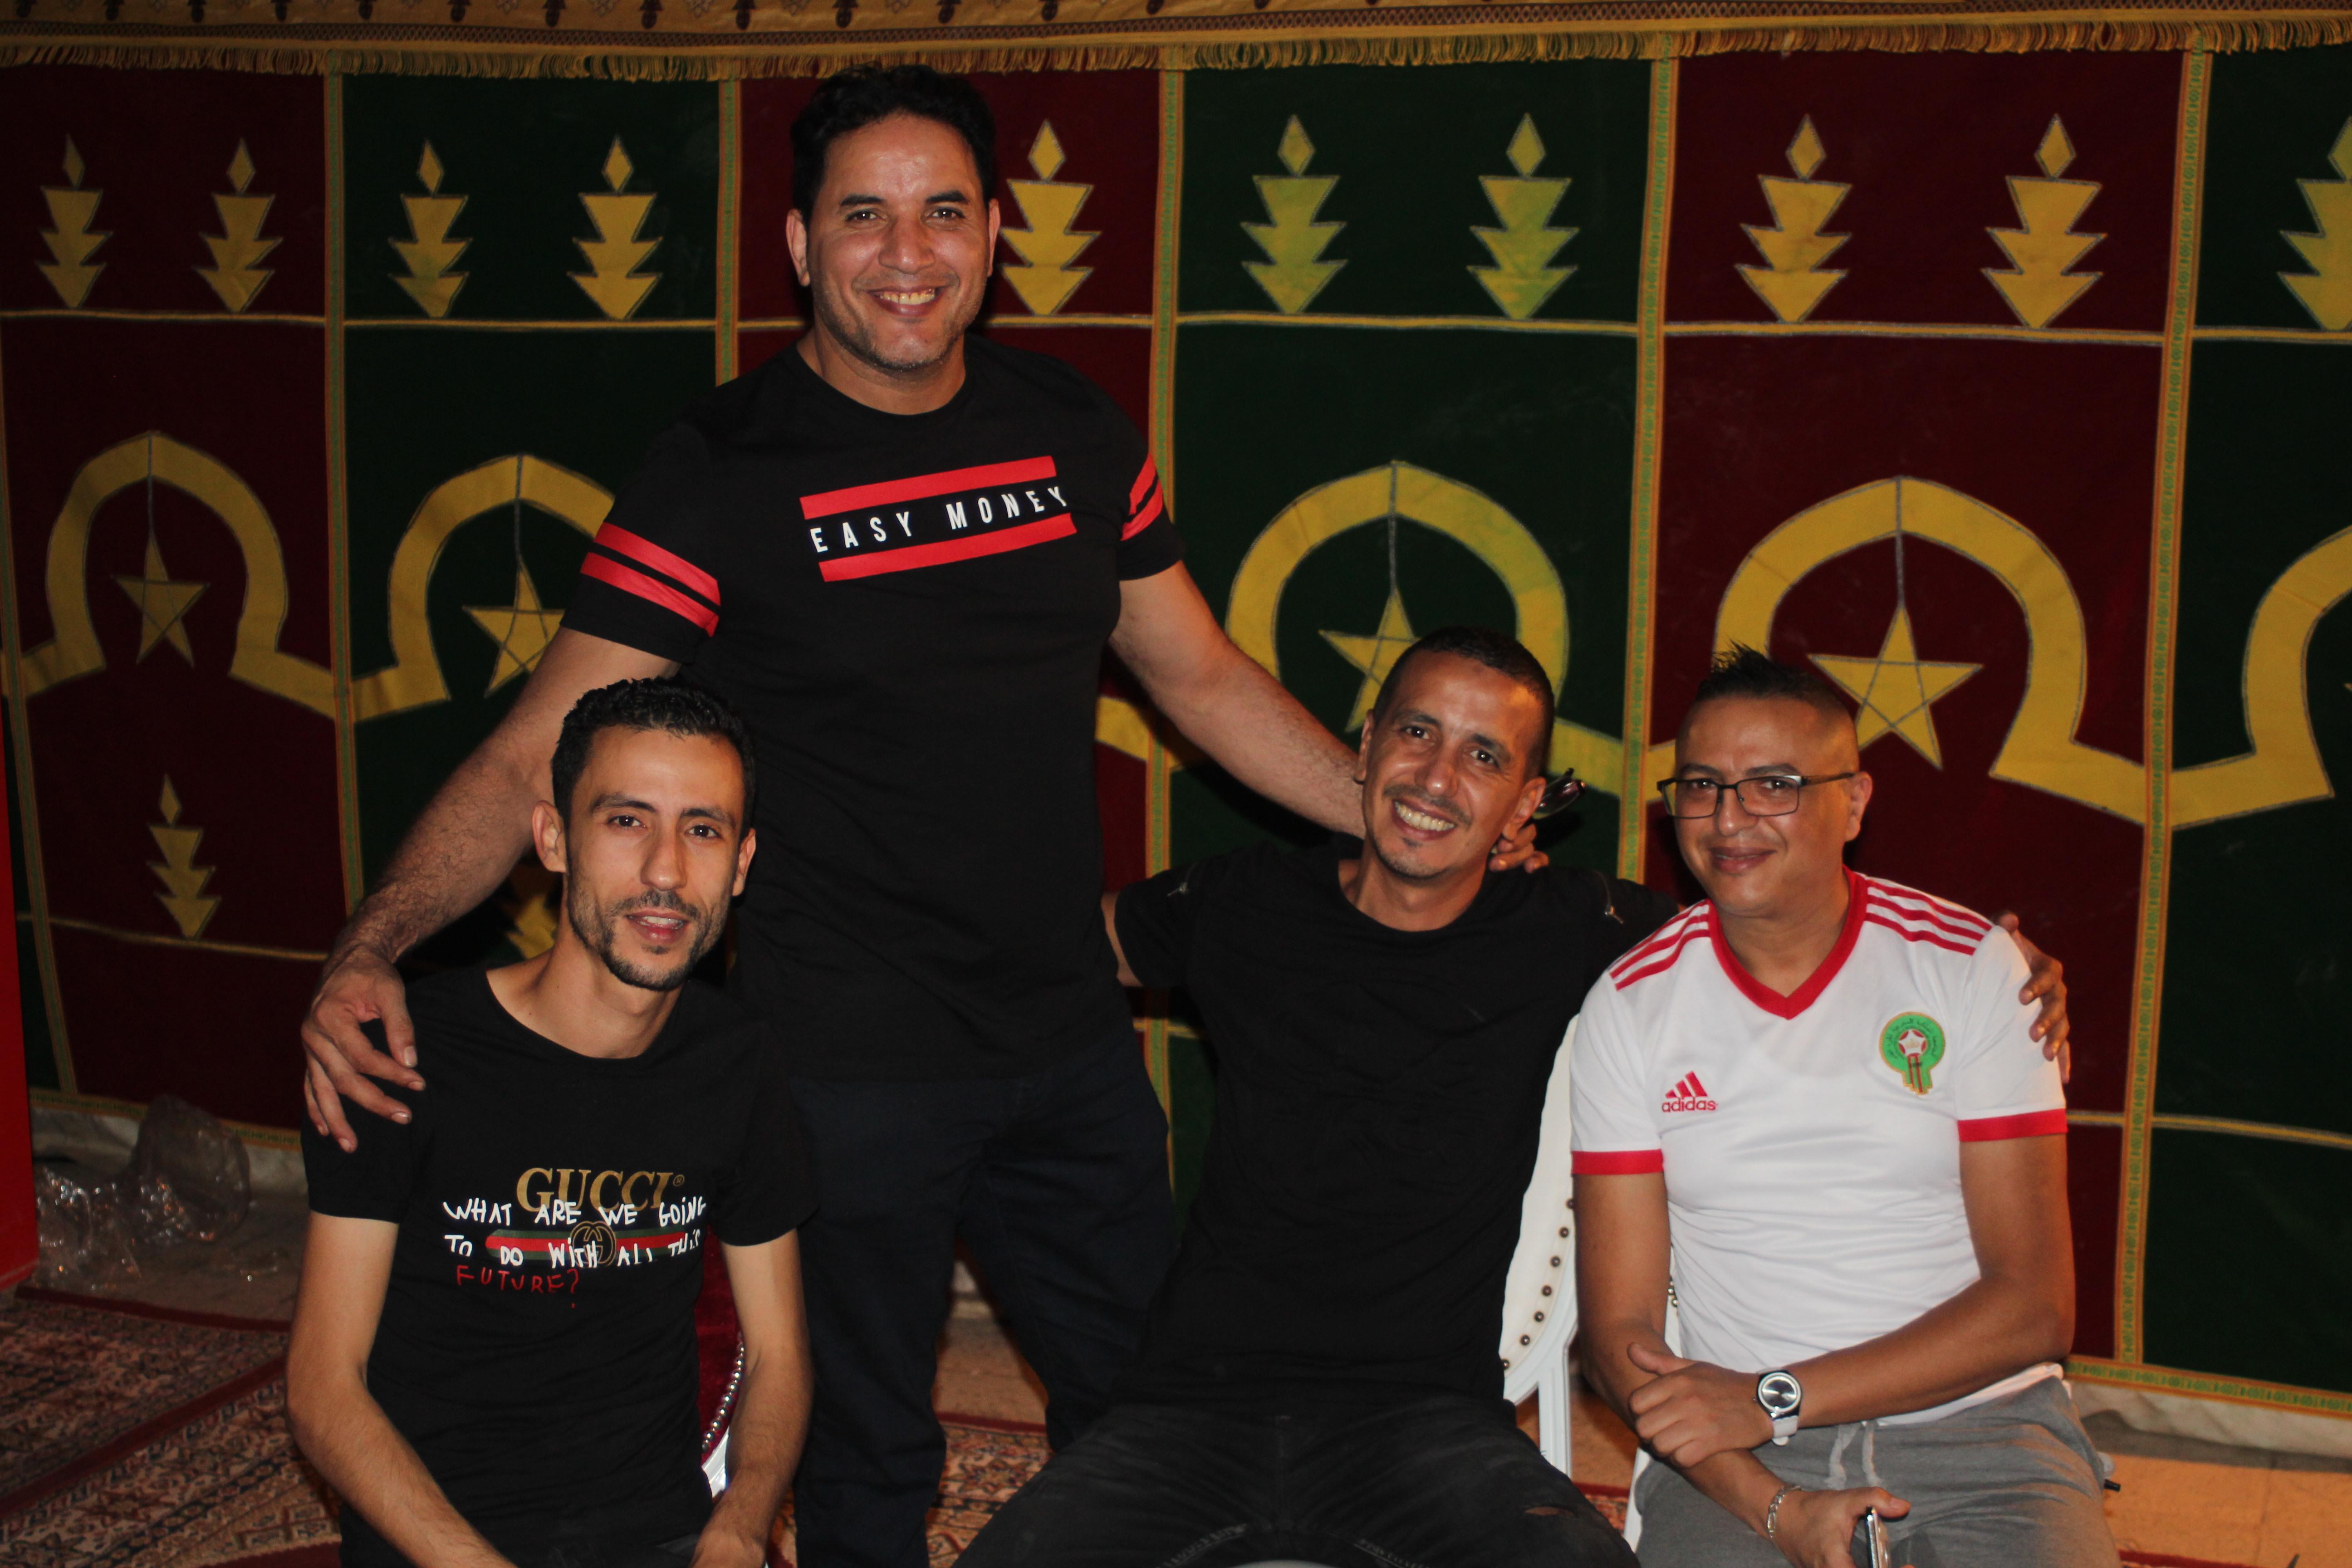 بالصور: علي الهلالي أول فنان ريفي ناظوري يعتلي منصة المهرجان الدولي للراي بوجدة